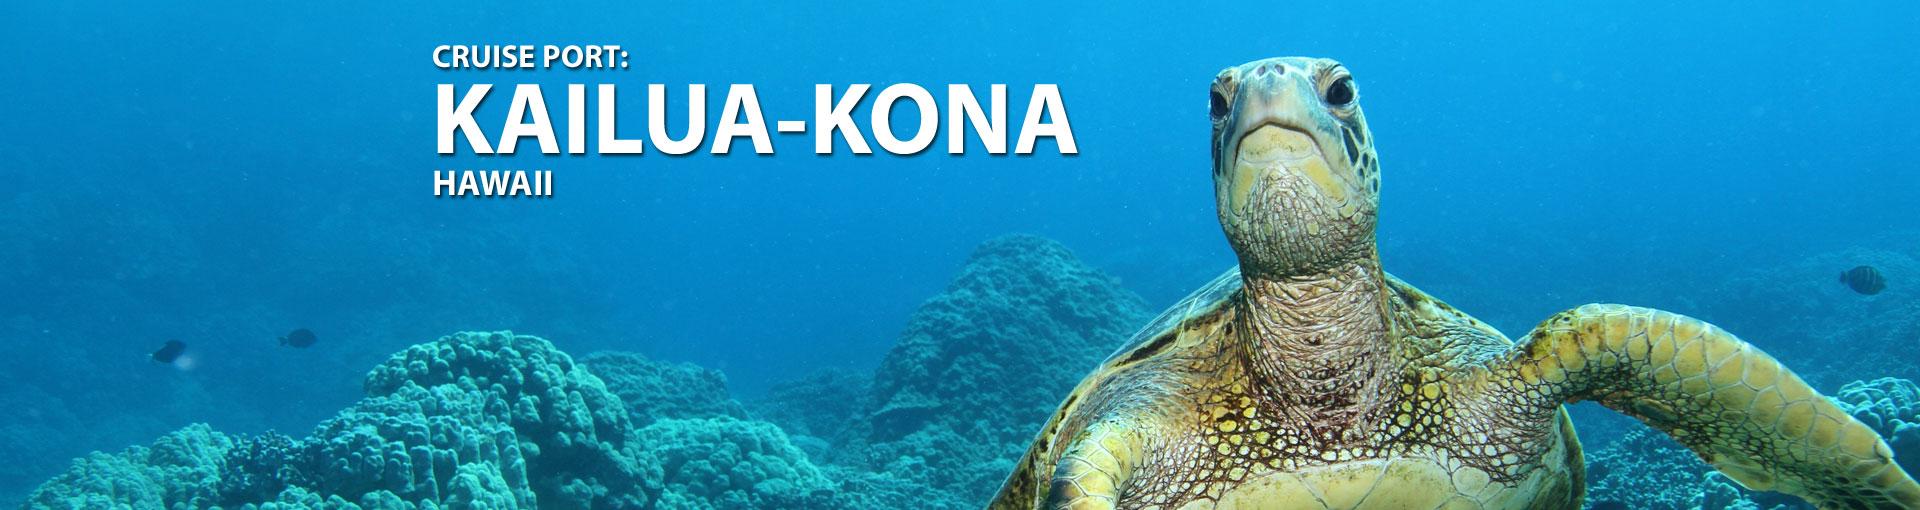 Cruises to Kailua-Kona, Hawaii